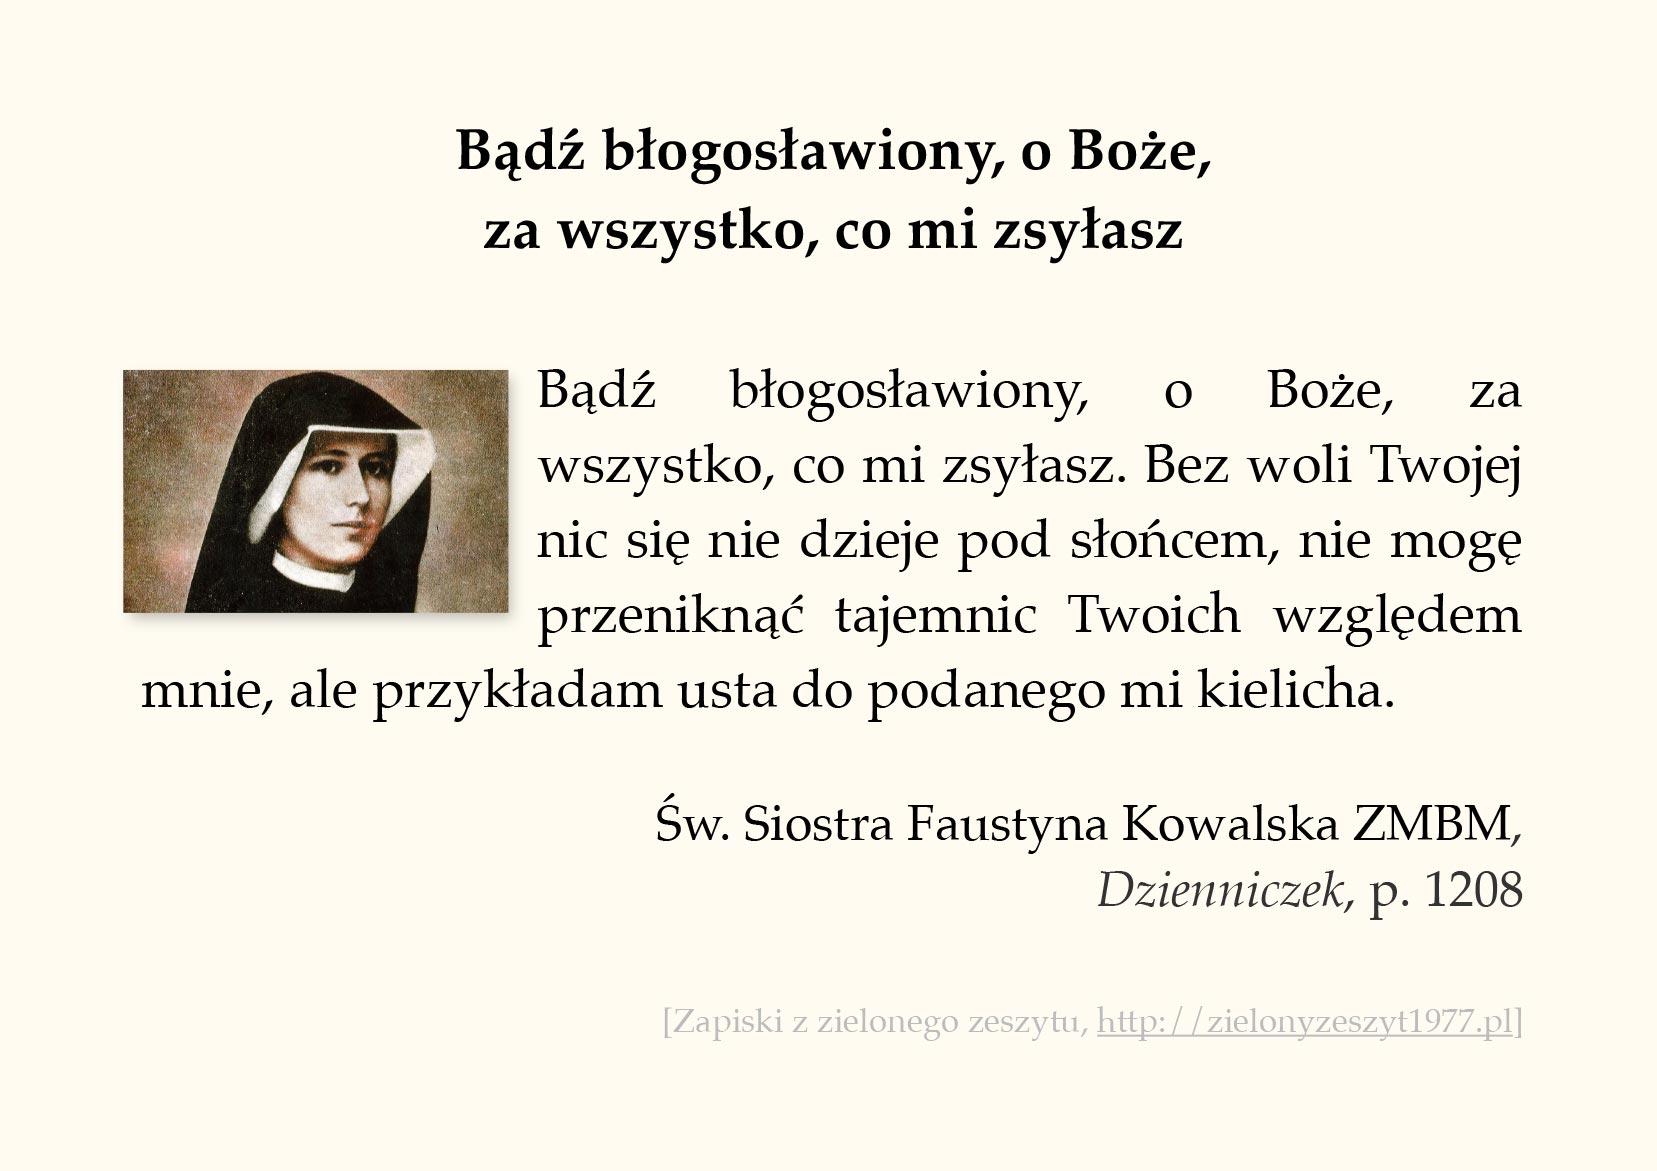 Bądź błogosławiony, o Boże, za wszystko, co mi zsyłasz; św. Faustyna Kowalska